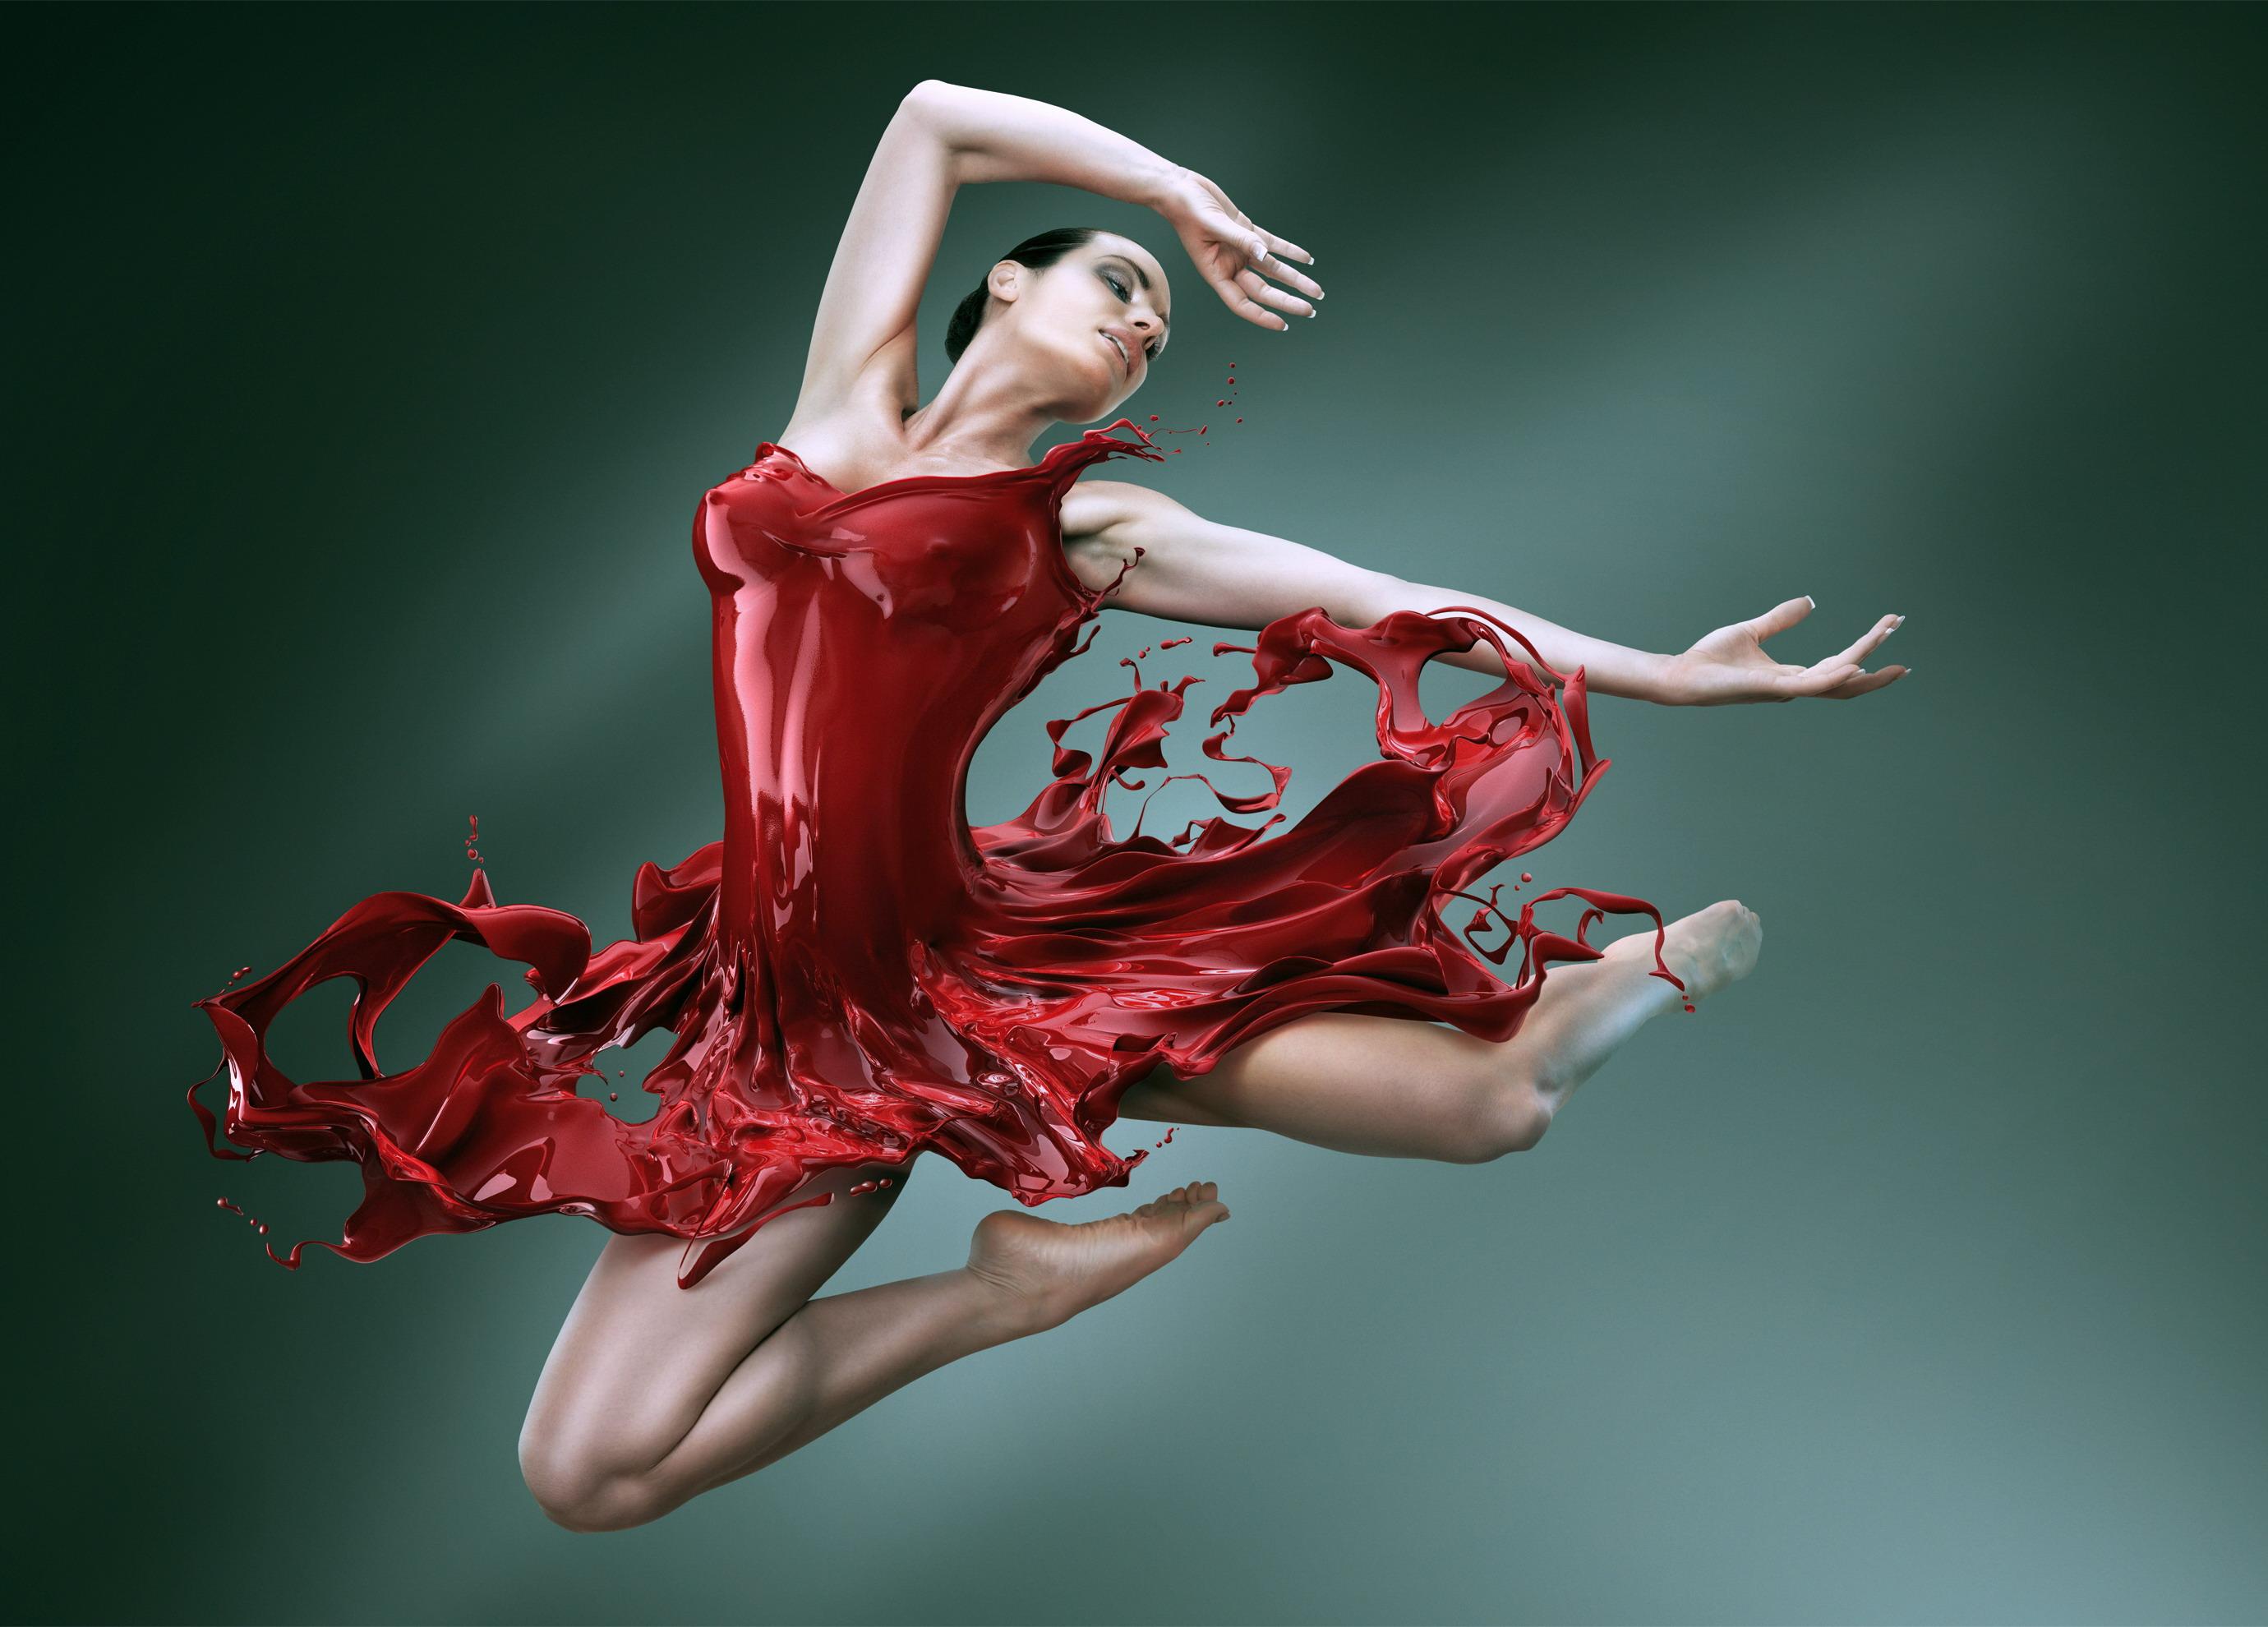 танец креативное dance creative  № 3510331 загрузить